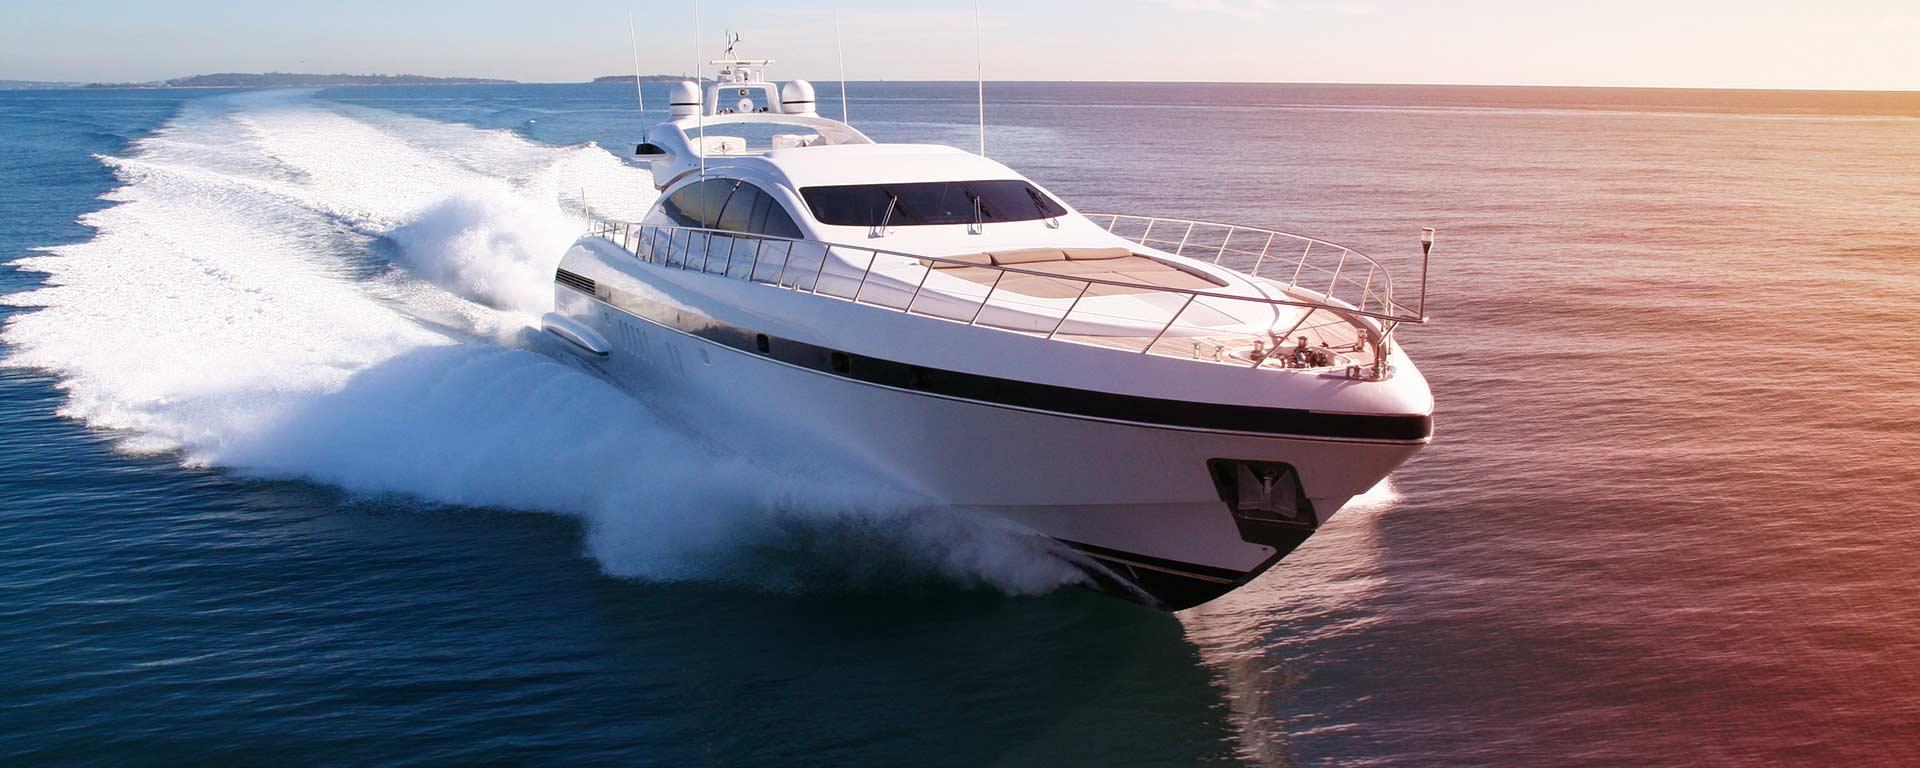 spécialistes en vente de moteurs de bateaux et réparation de moteurs de bateaux au Grau-du-Roi